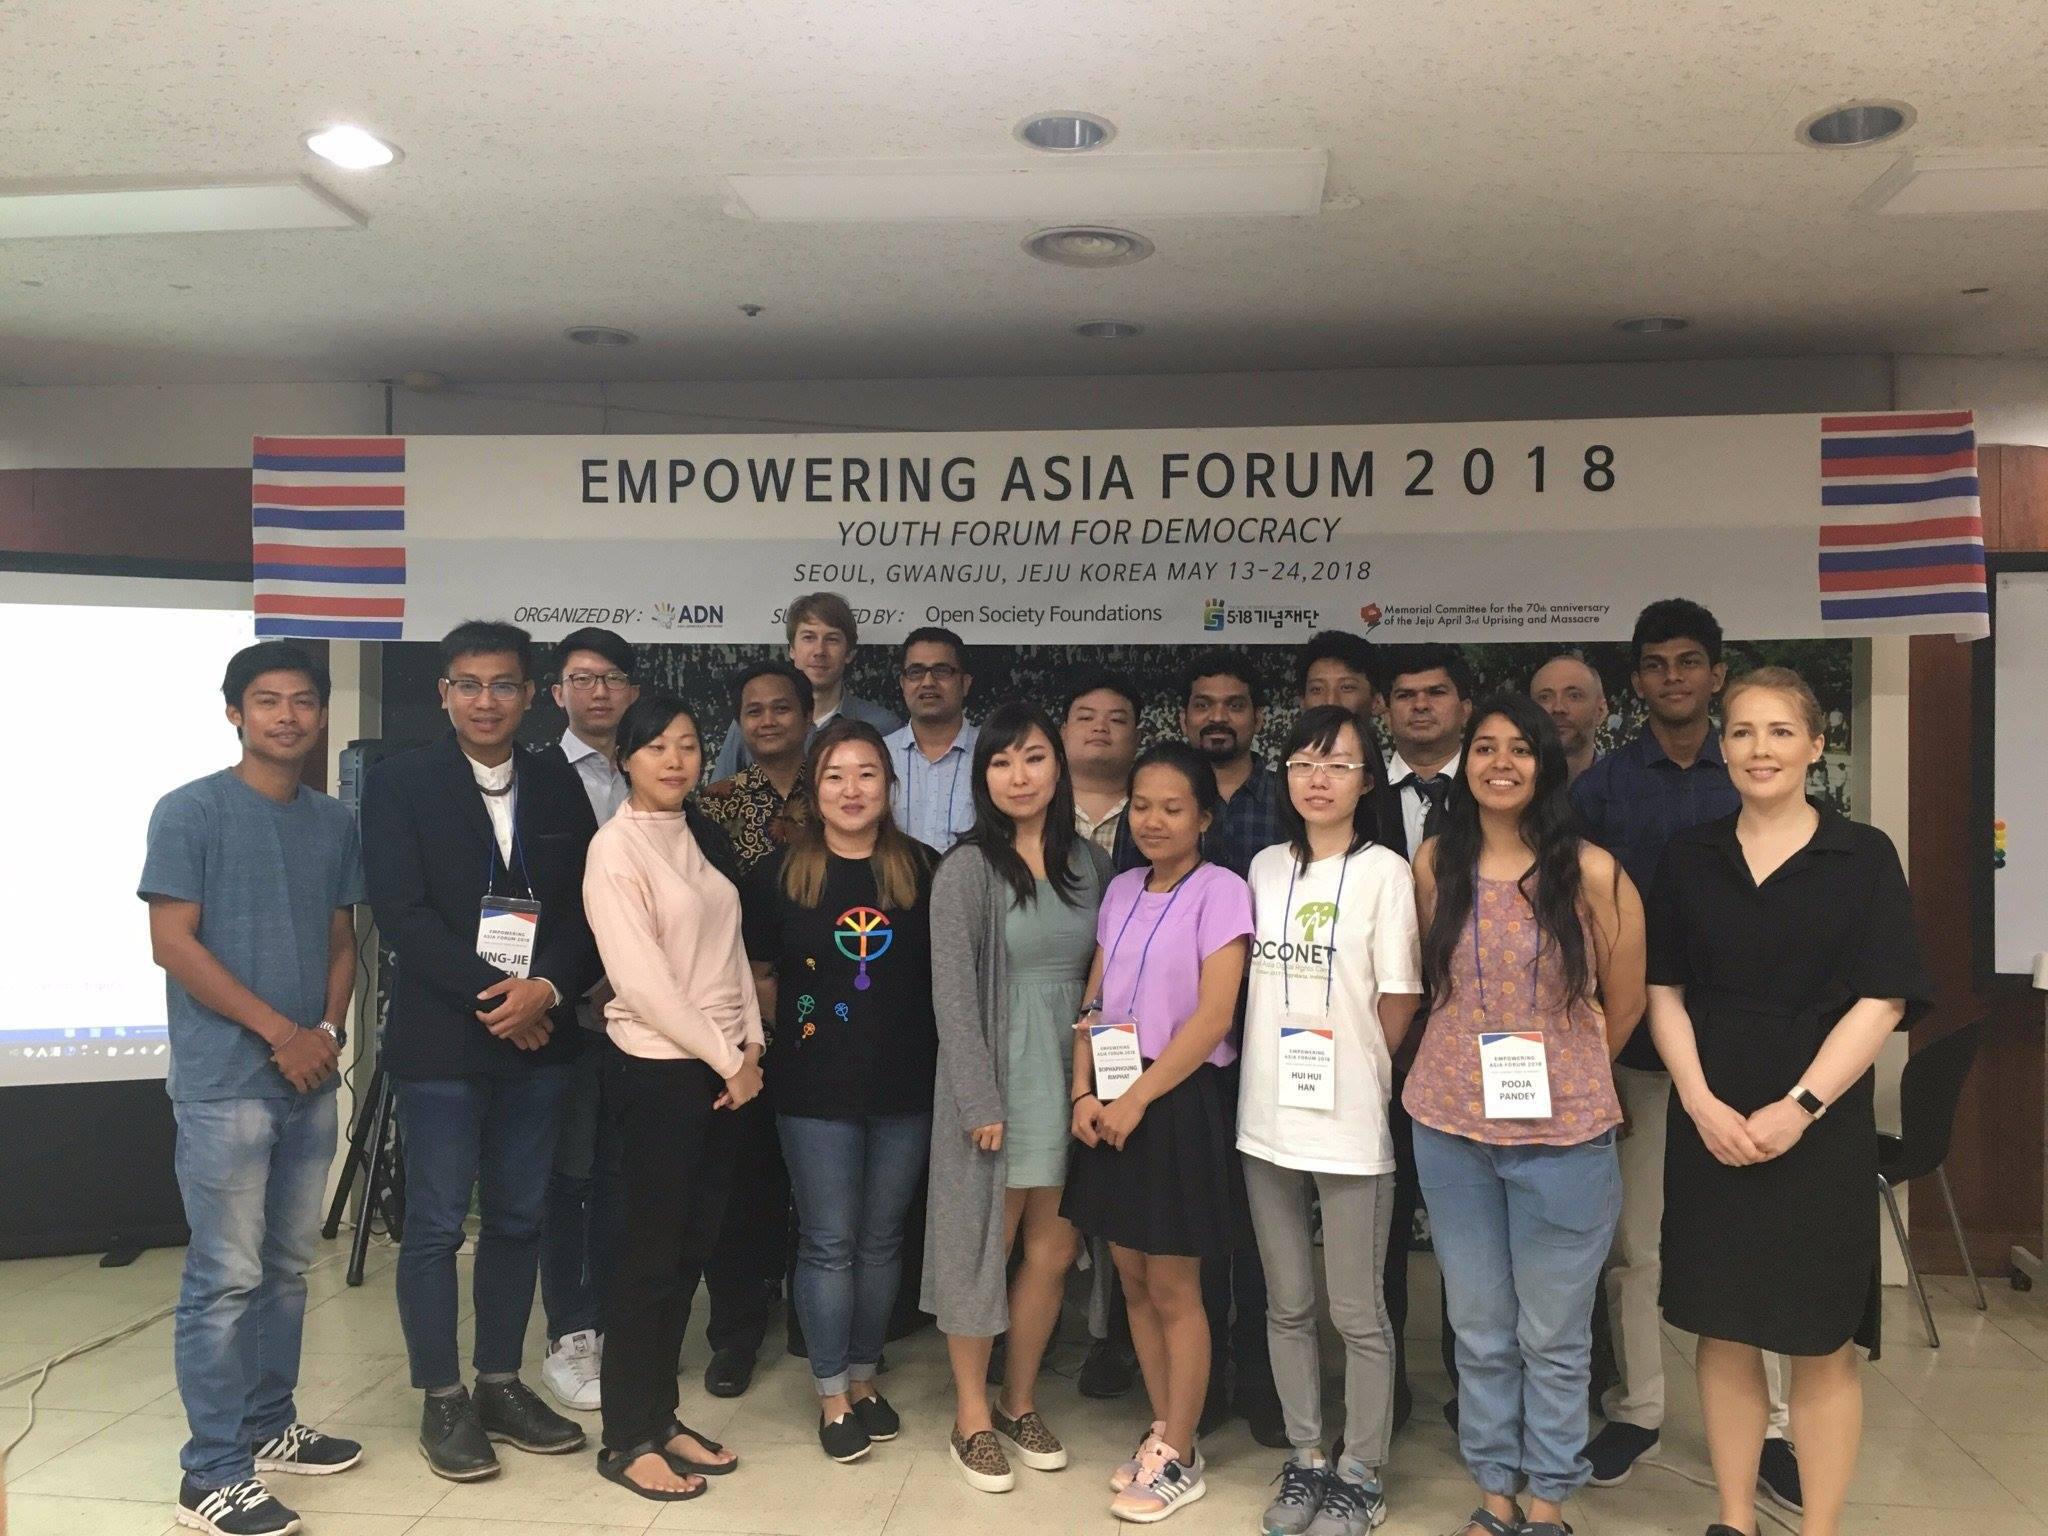 Empowering Asia Forum